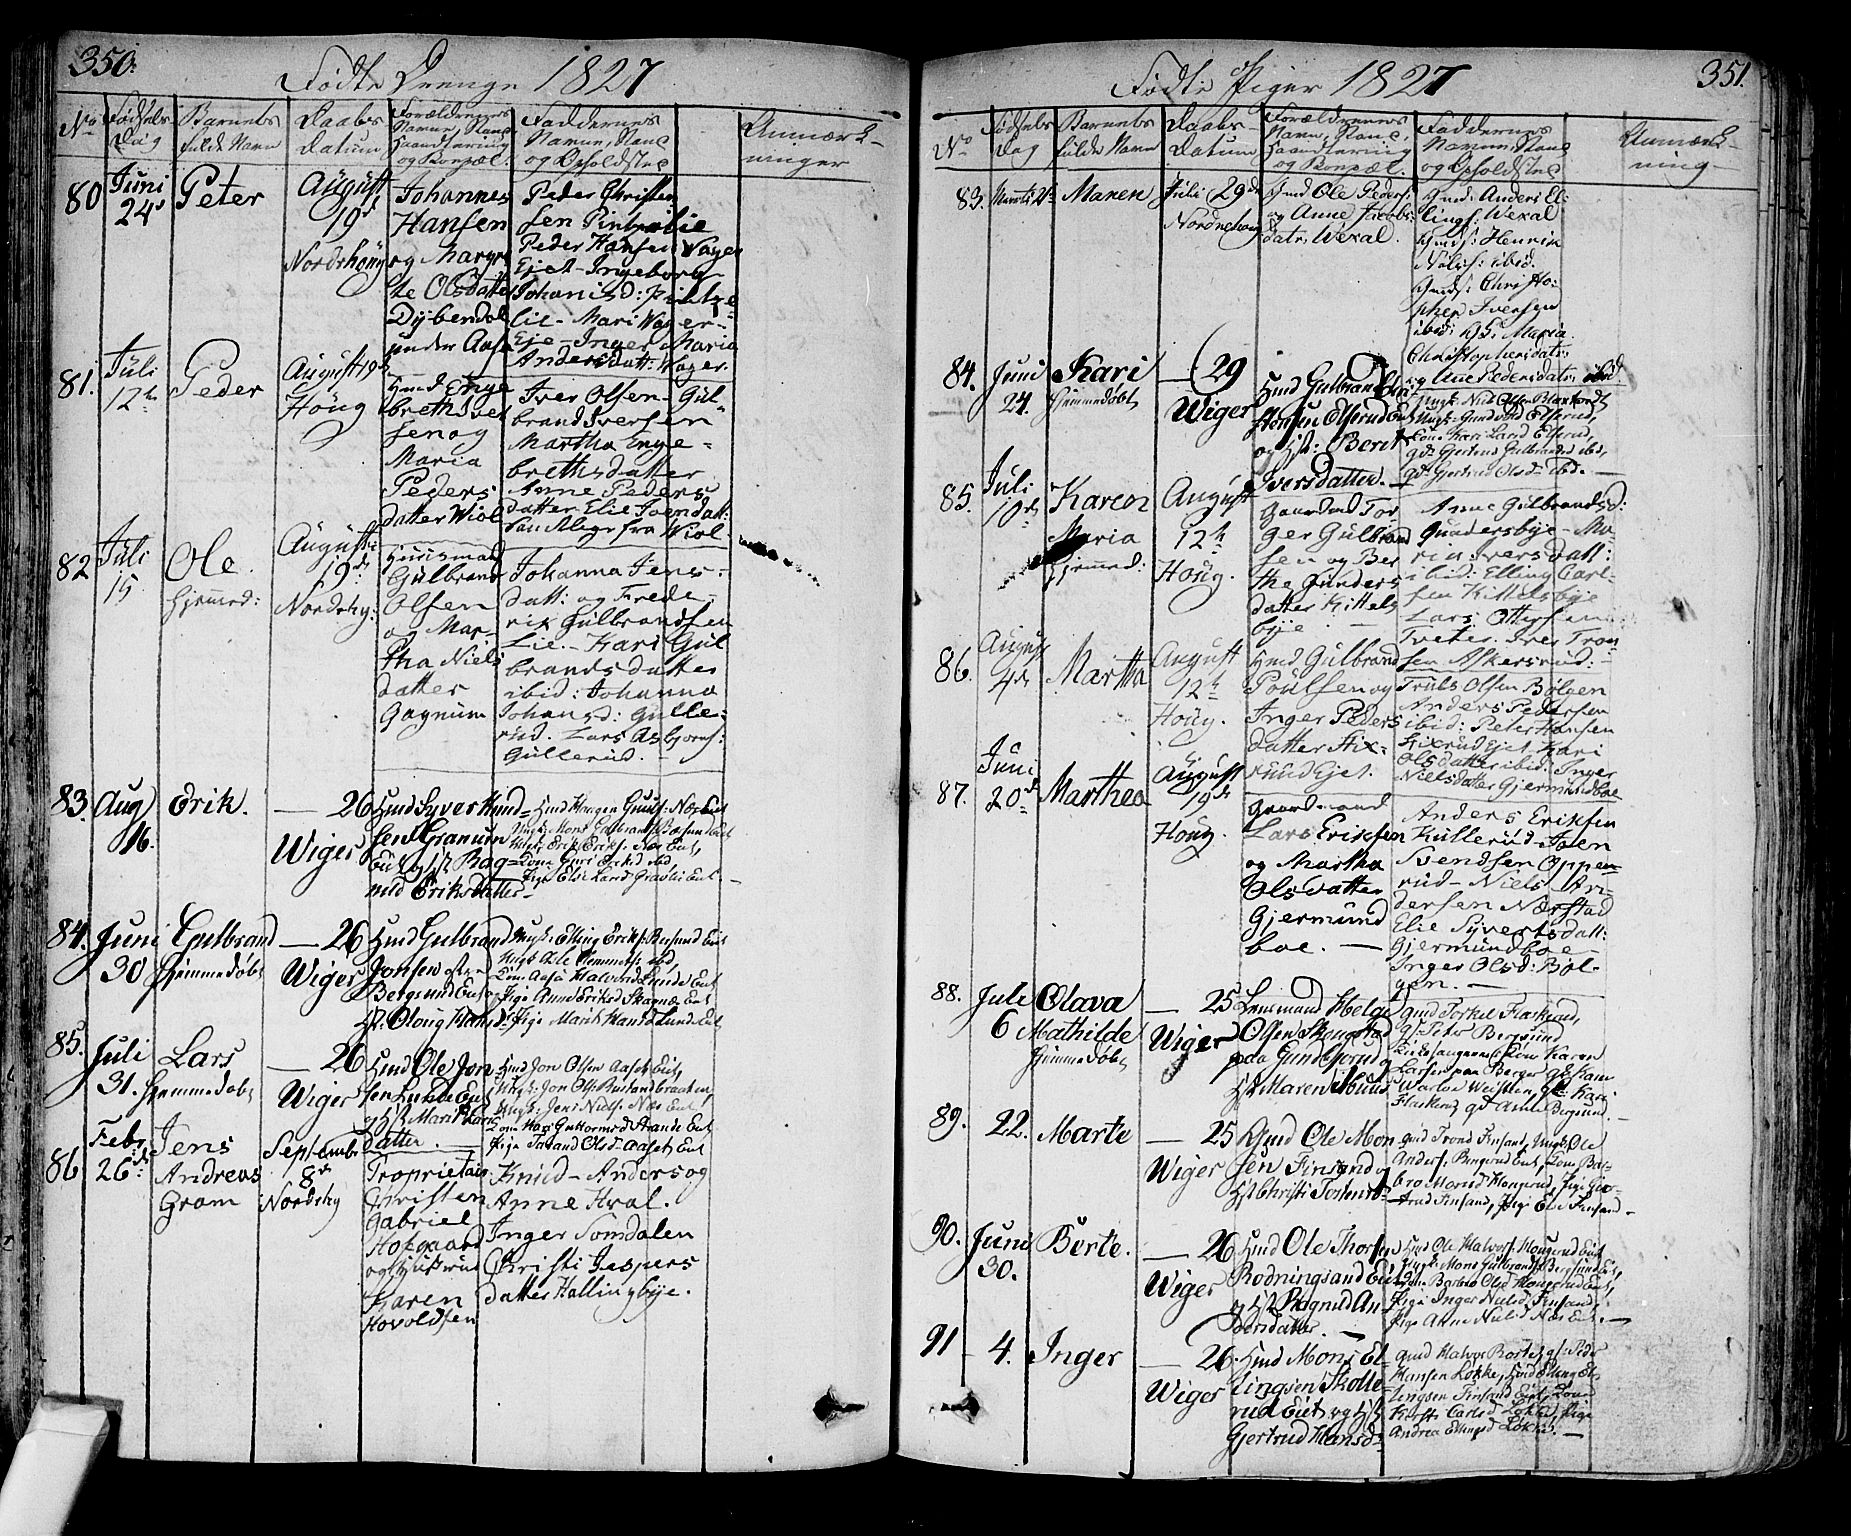 SAKO, Norderhov kirkebøker, F/Fa/L0009: Ministerialbok nr. 9, 1819-1837, s. 350-351